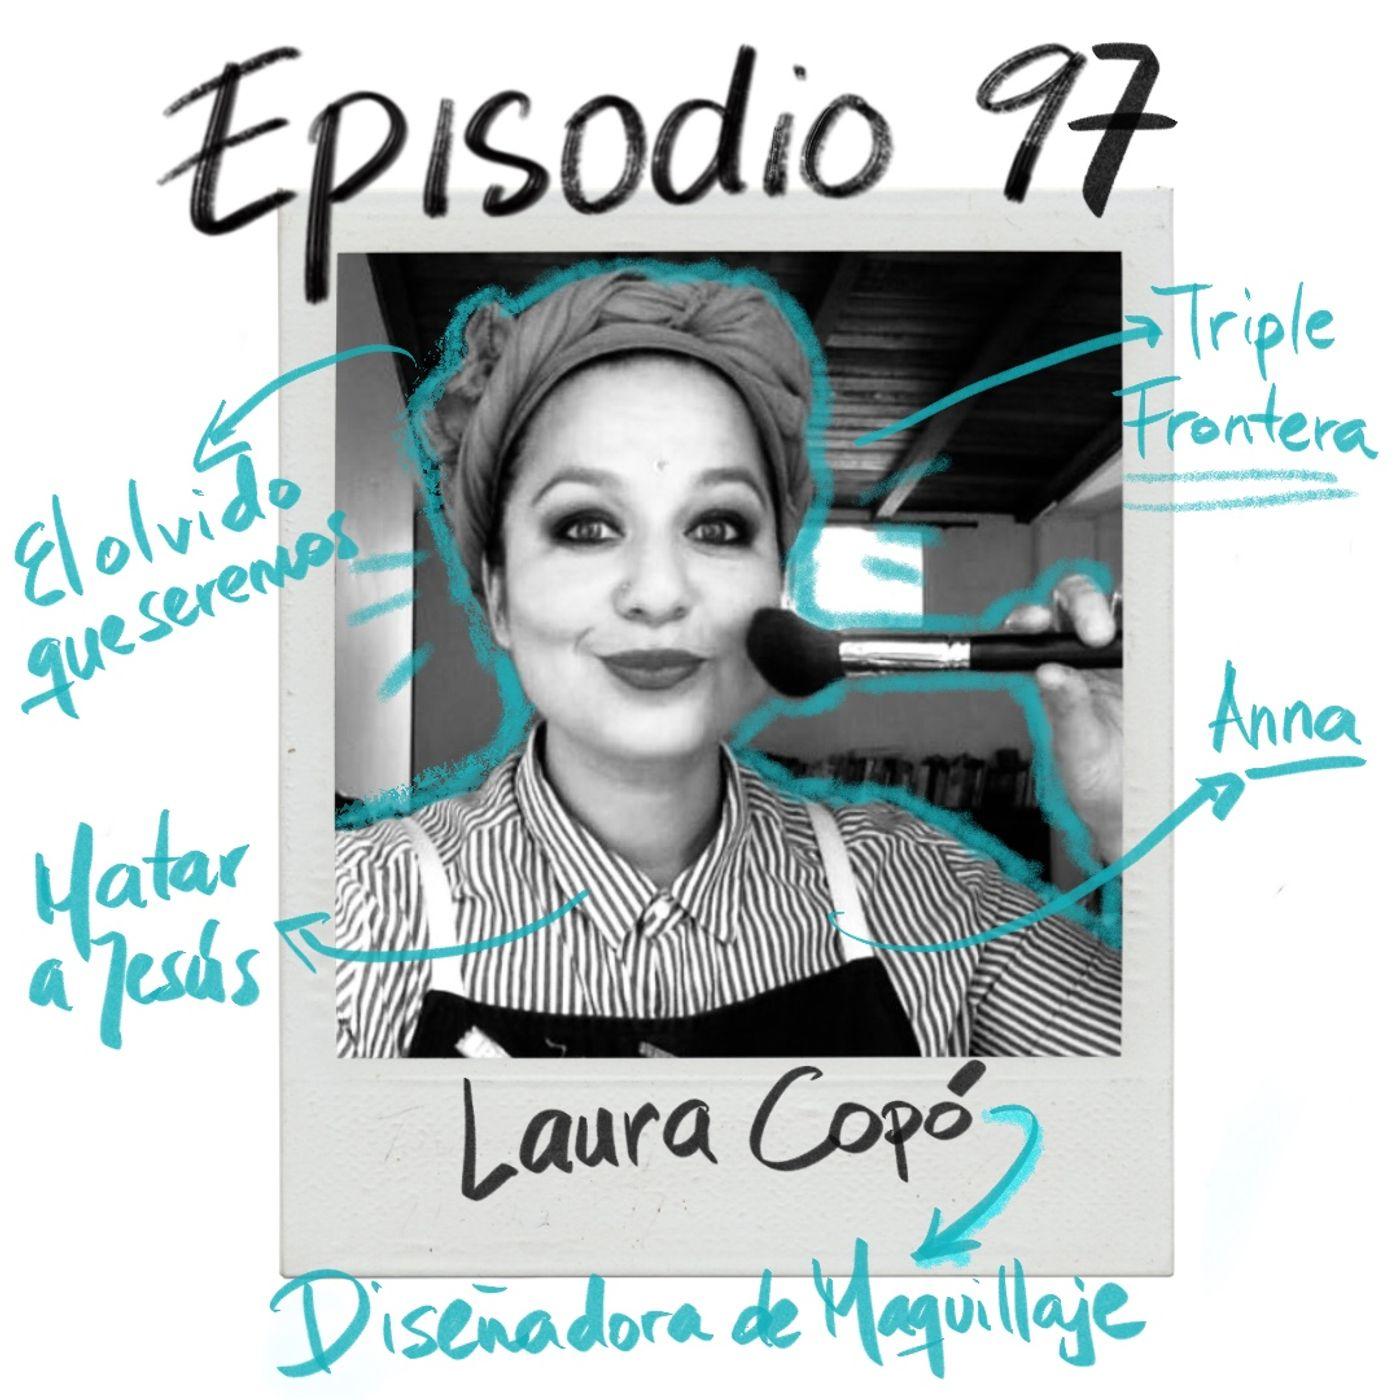 EP97: Diseño de maquillaje con Laura Copó